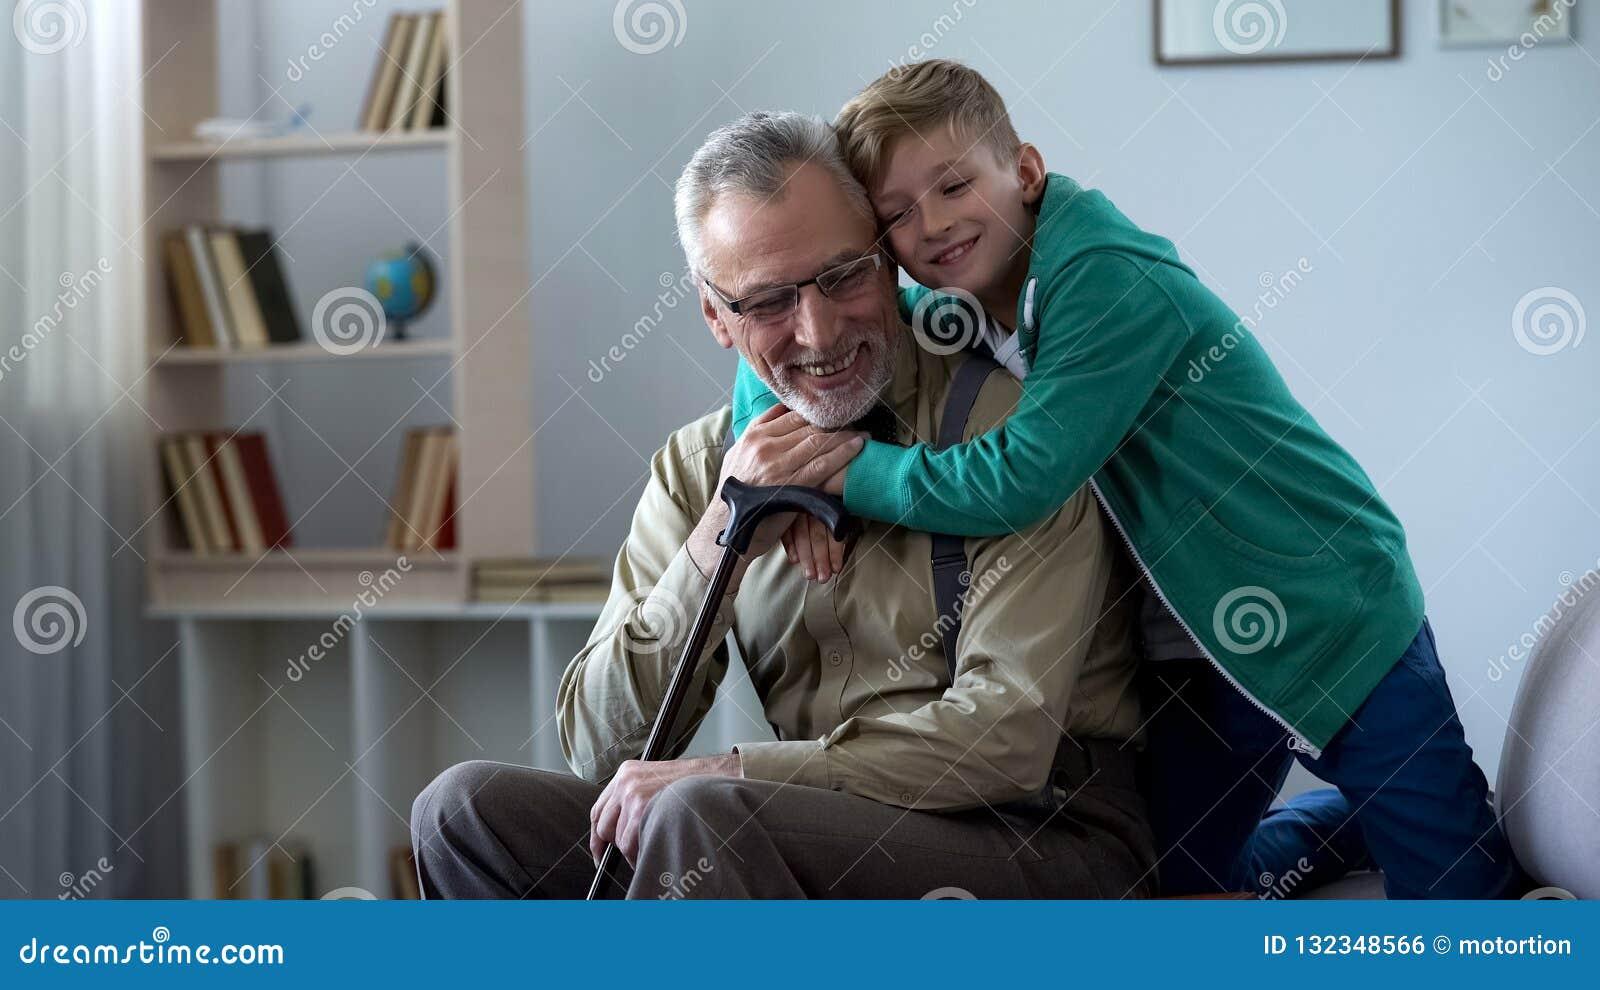 Jongen die teder grootvader, familieliefde, eerbied omhelzen voor oudere generatie